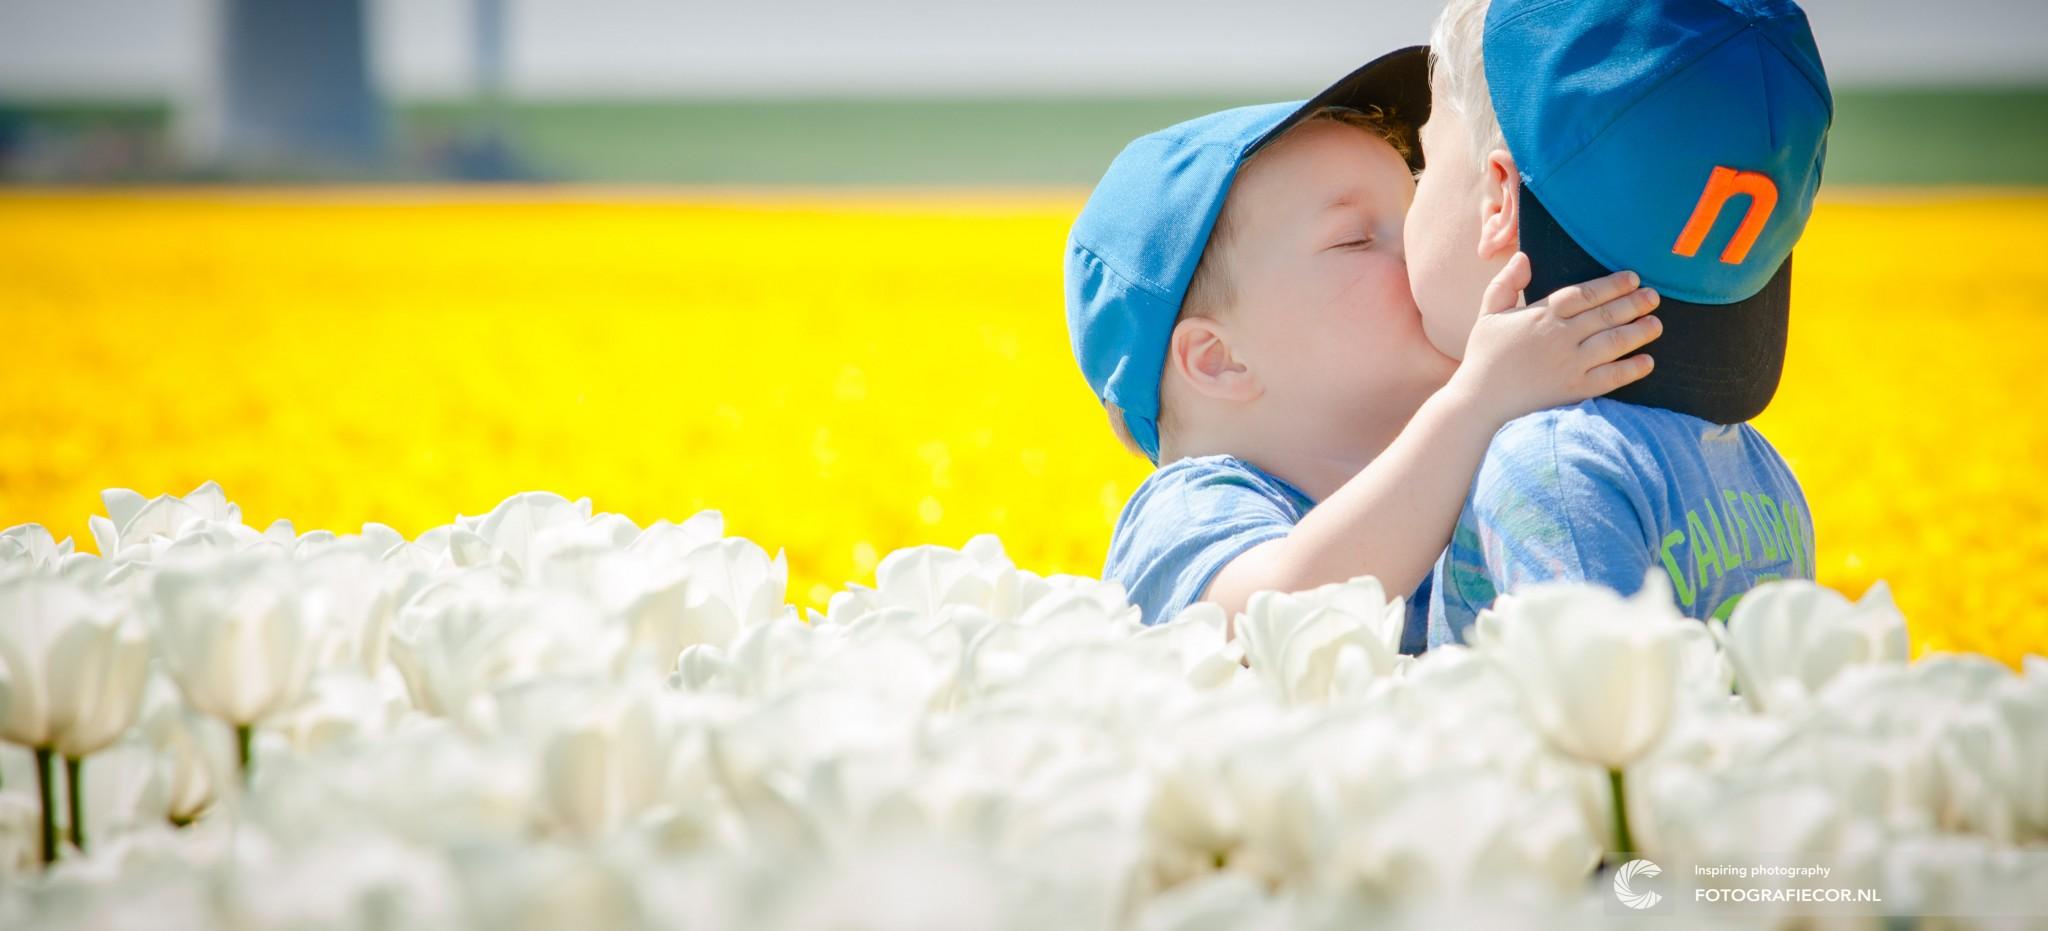 Gezinsfoto laten maken tussen de tulpenvelden van kinderen | familiefoto buiten fotograaf Kampen Zwolle Emmeloord